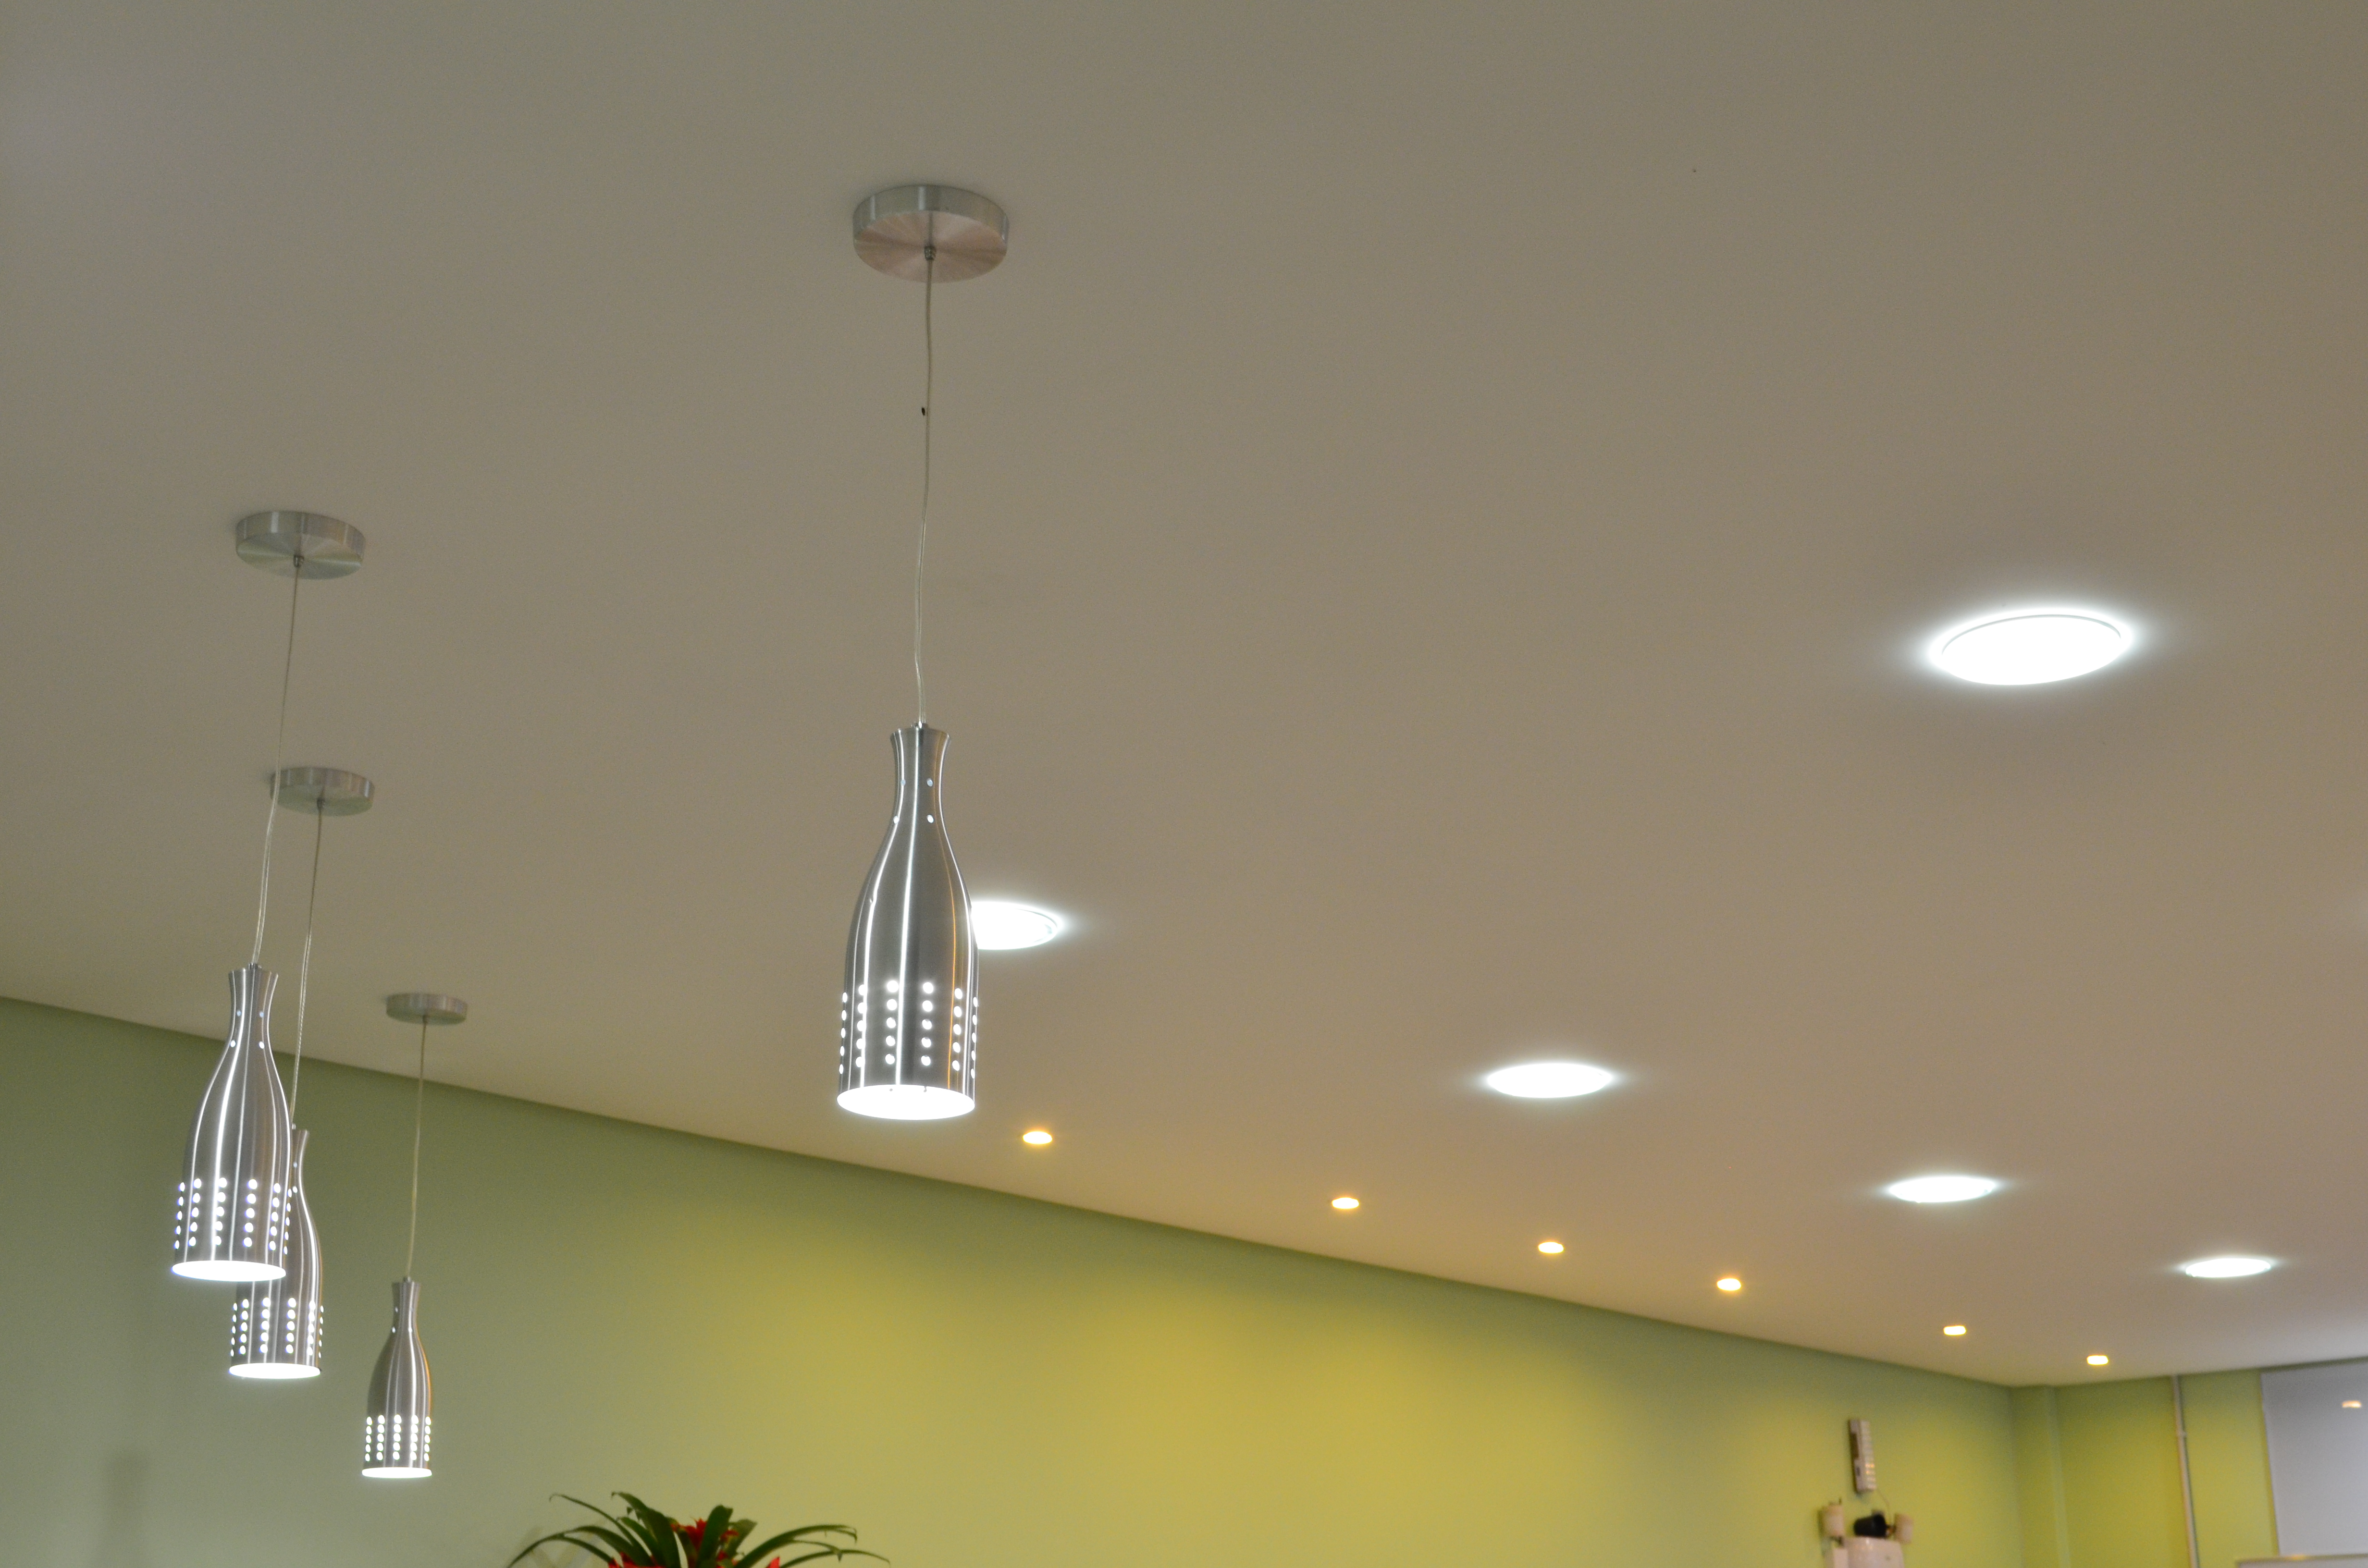 Projeto Luminotécnico LuDias Decoração de Interiores #343413 4928 3264